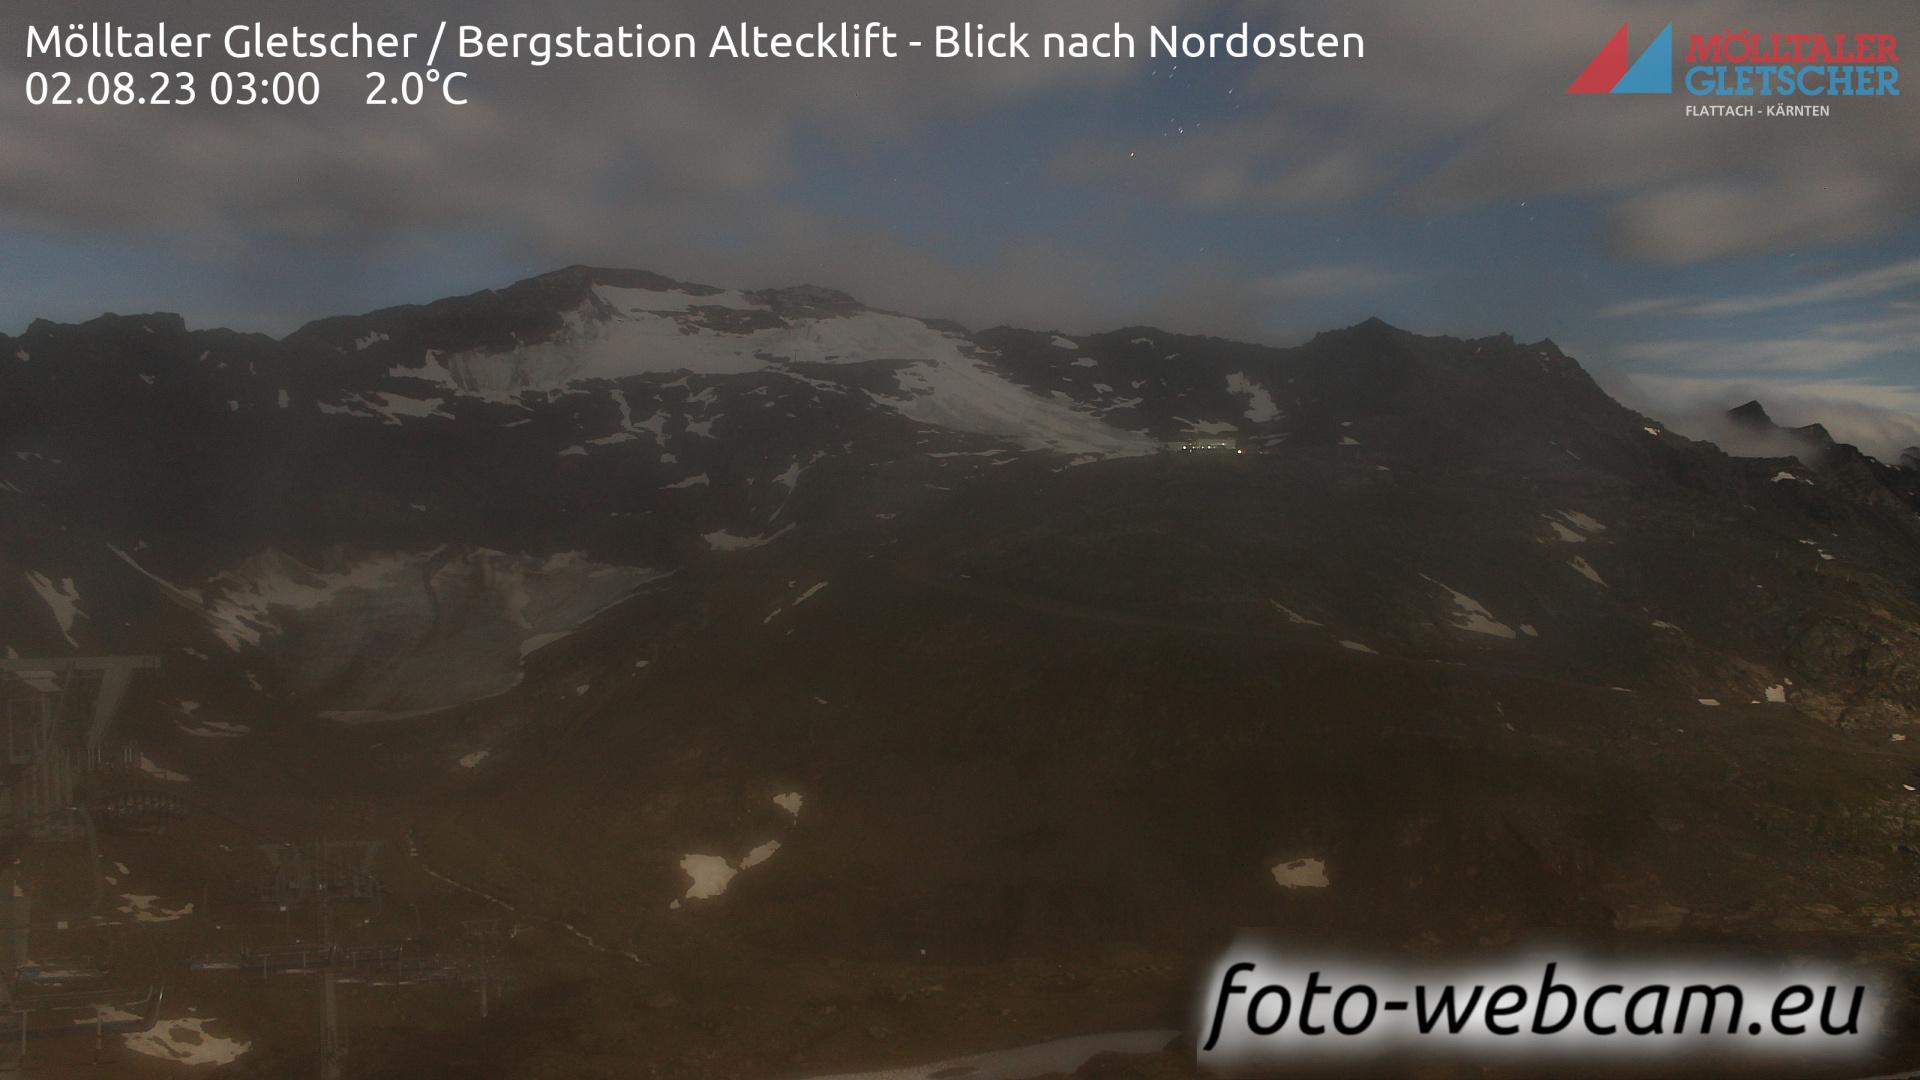 Mölltaler Gletscher Fr. 03:32